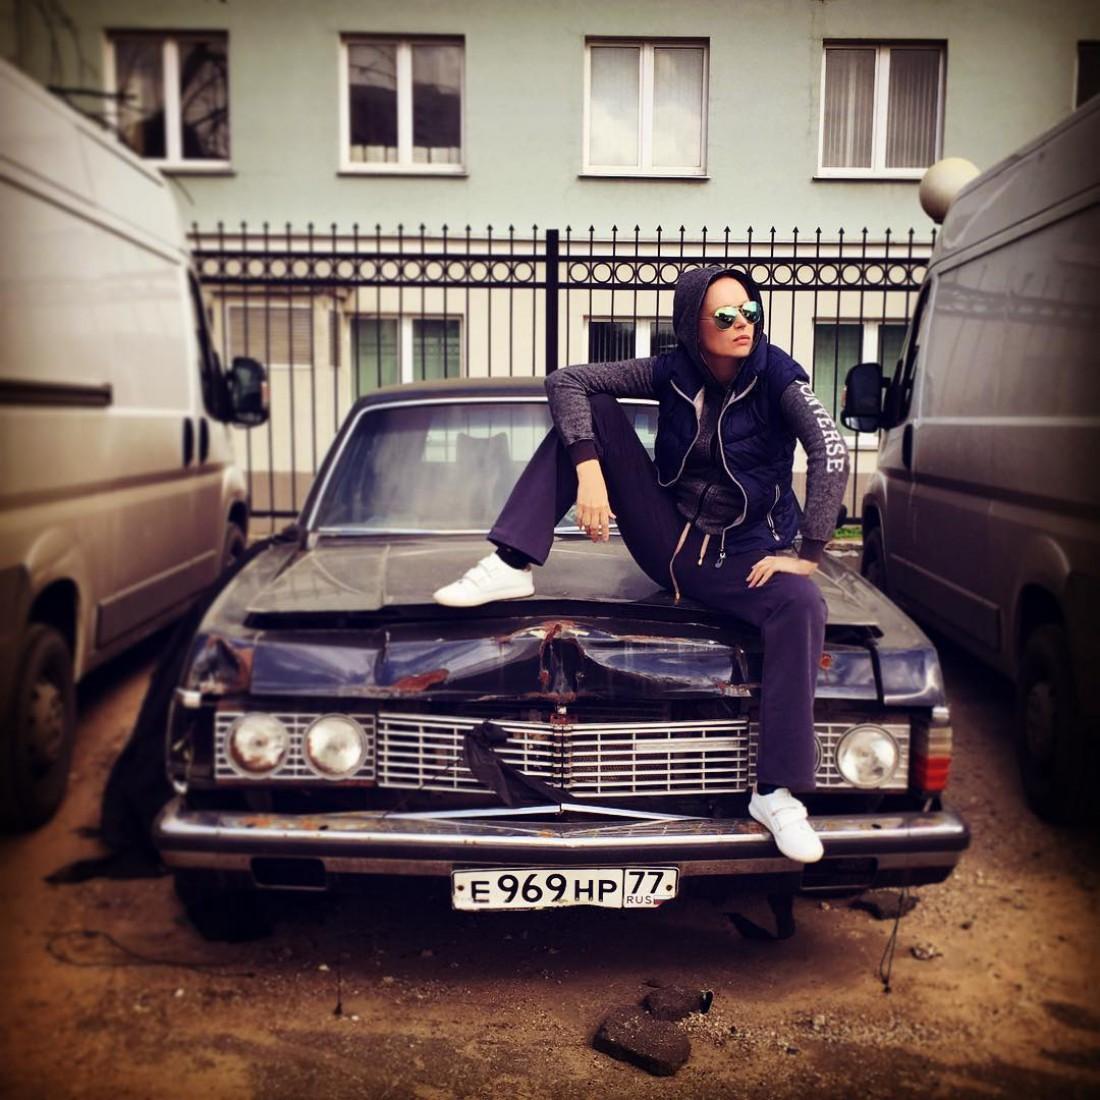 Ирина Безрукова в образе гопника